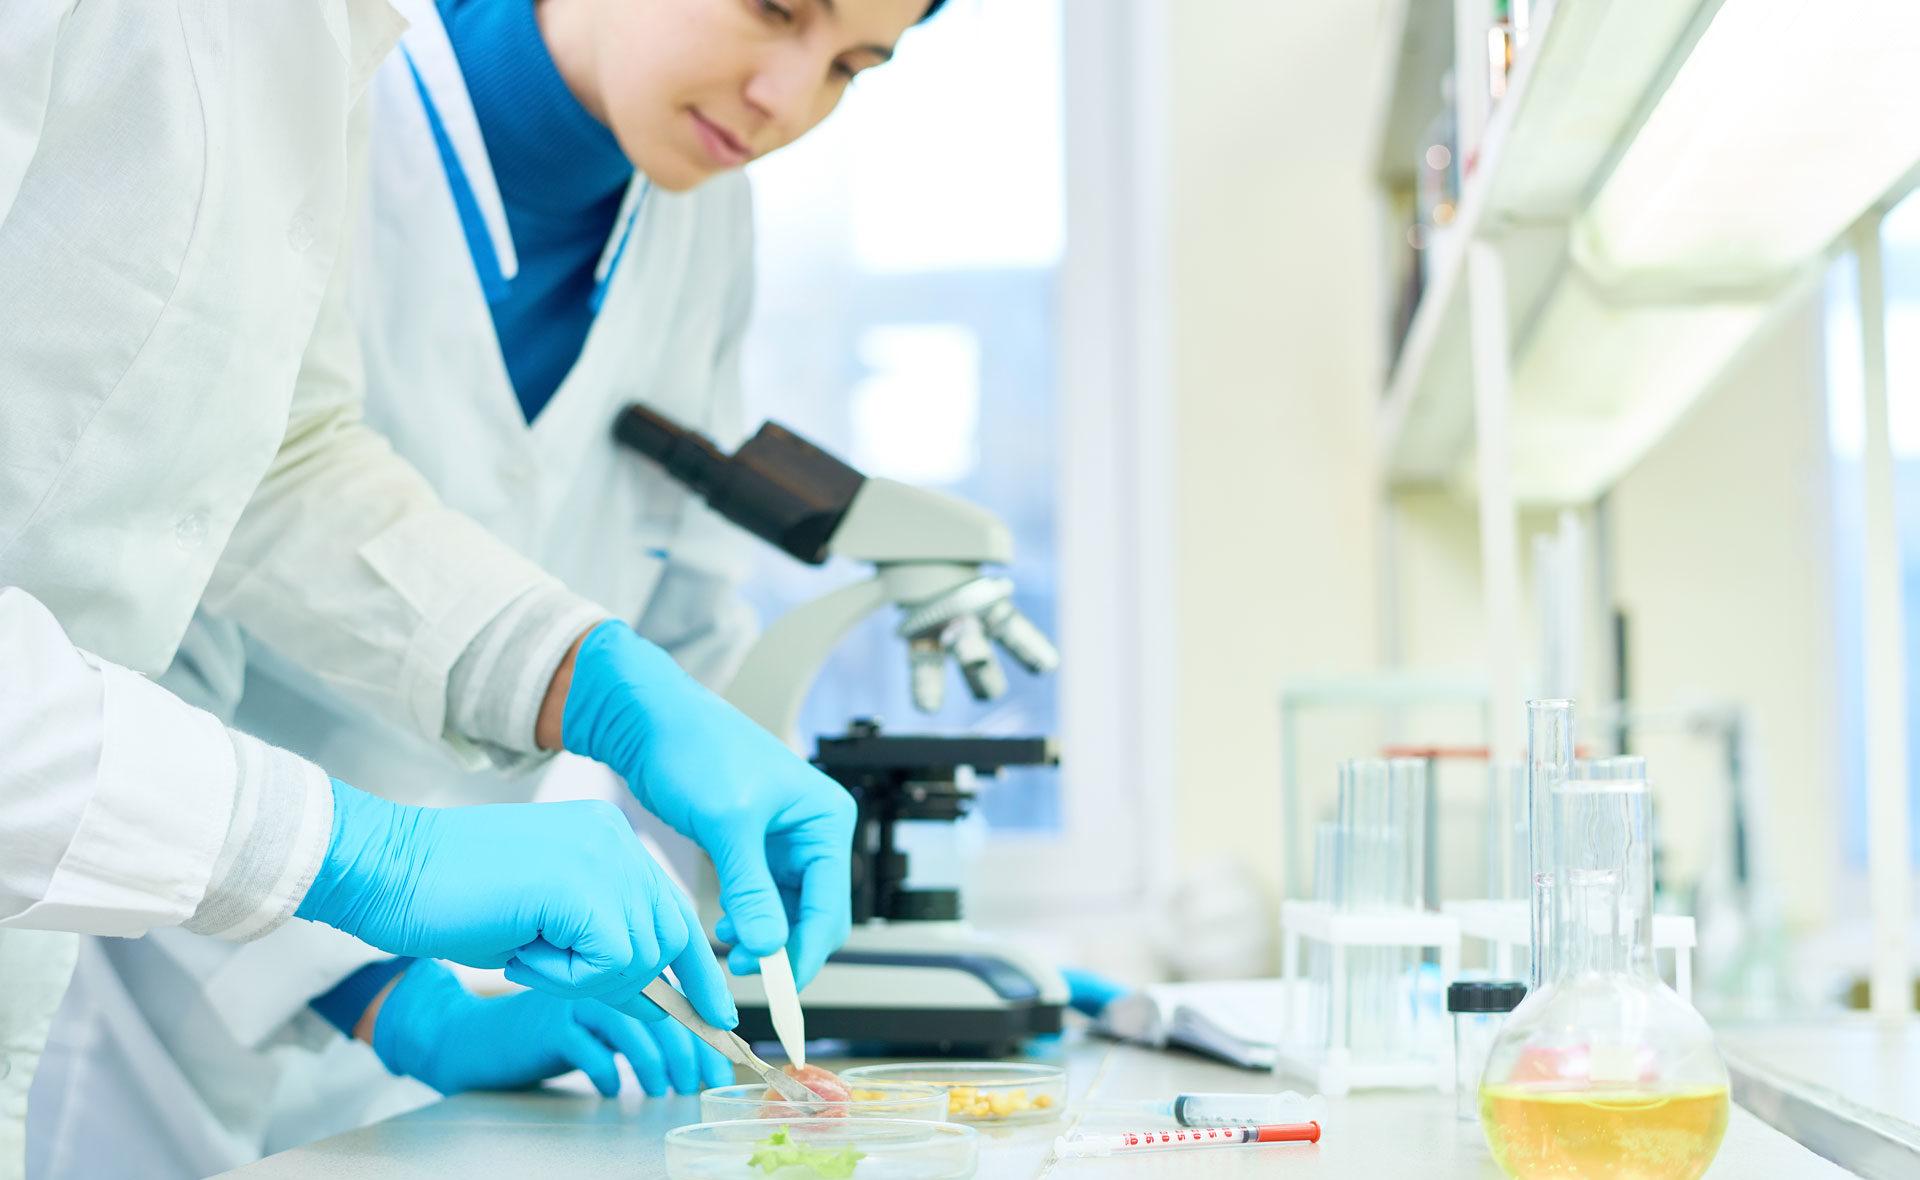 Fotografía de Control de calidad, laboratorio, alimentos, calidad, probetas, comida, microscopio, ciencia